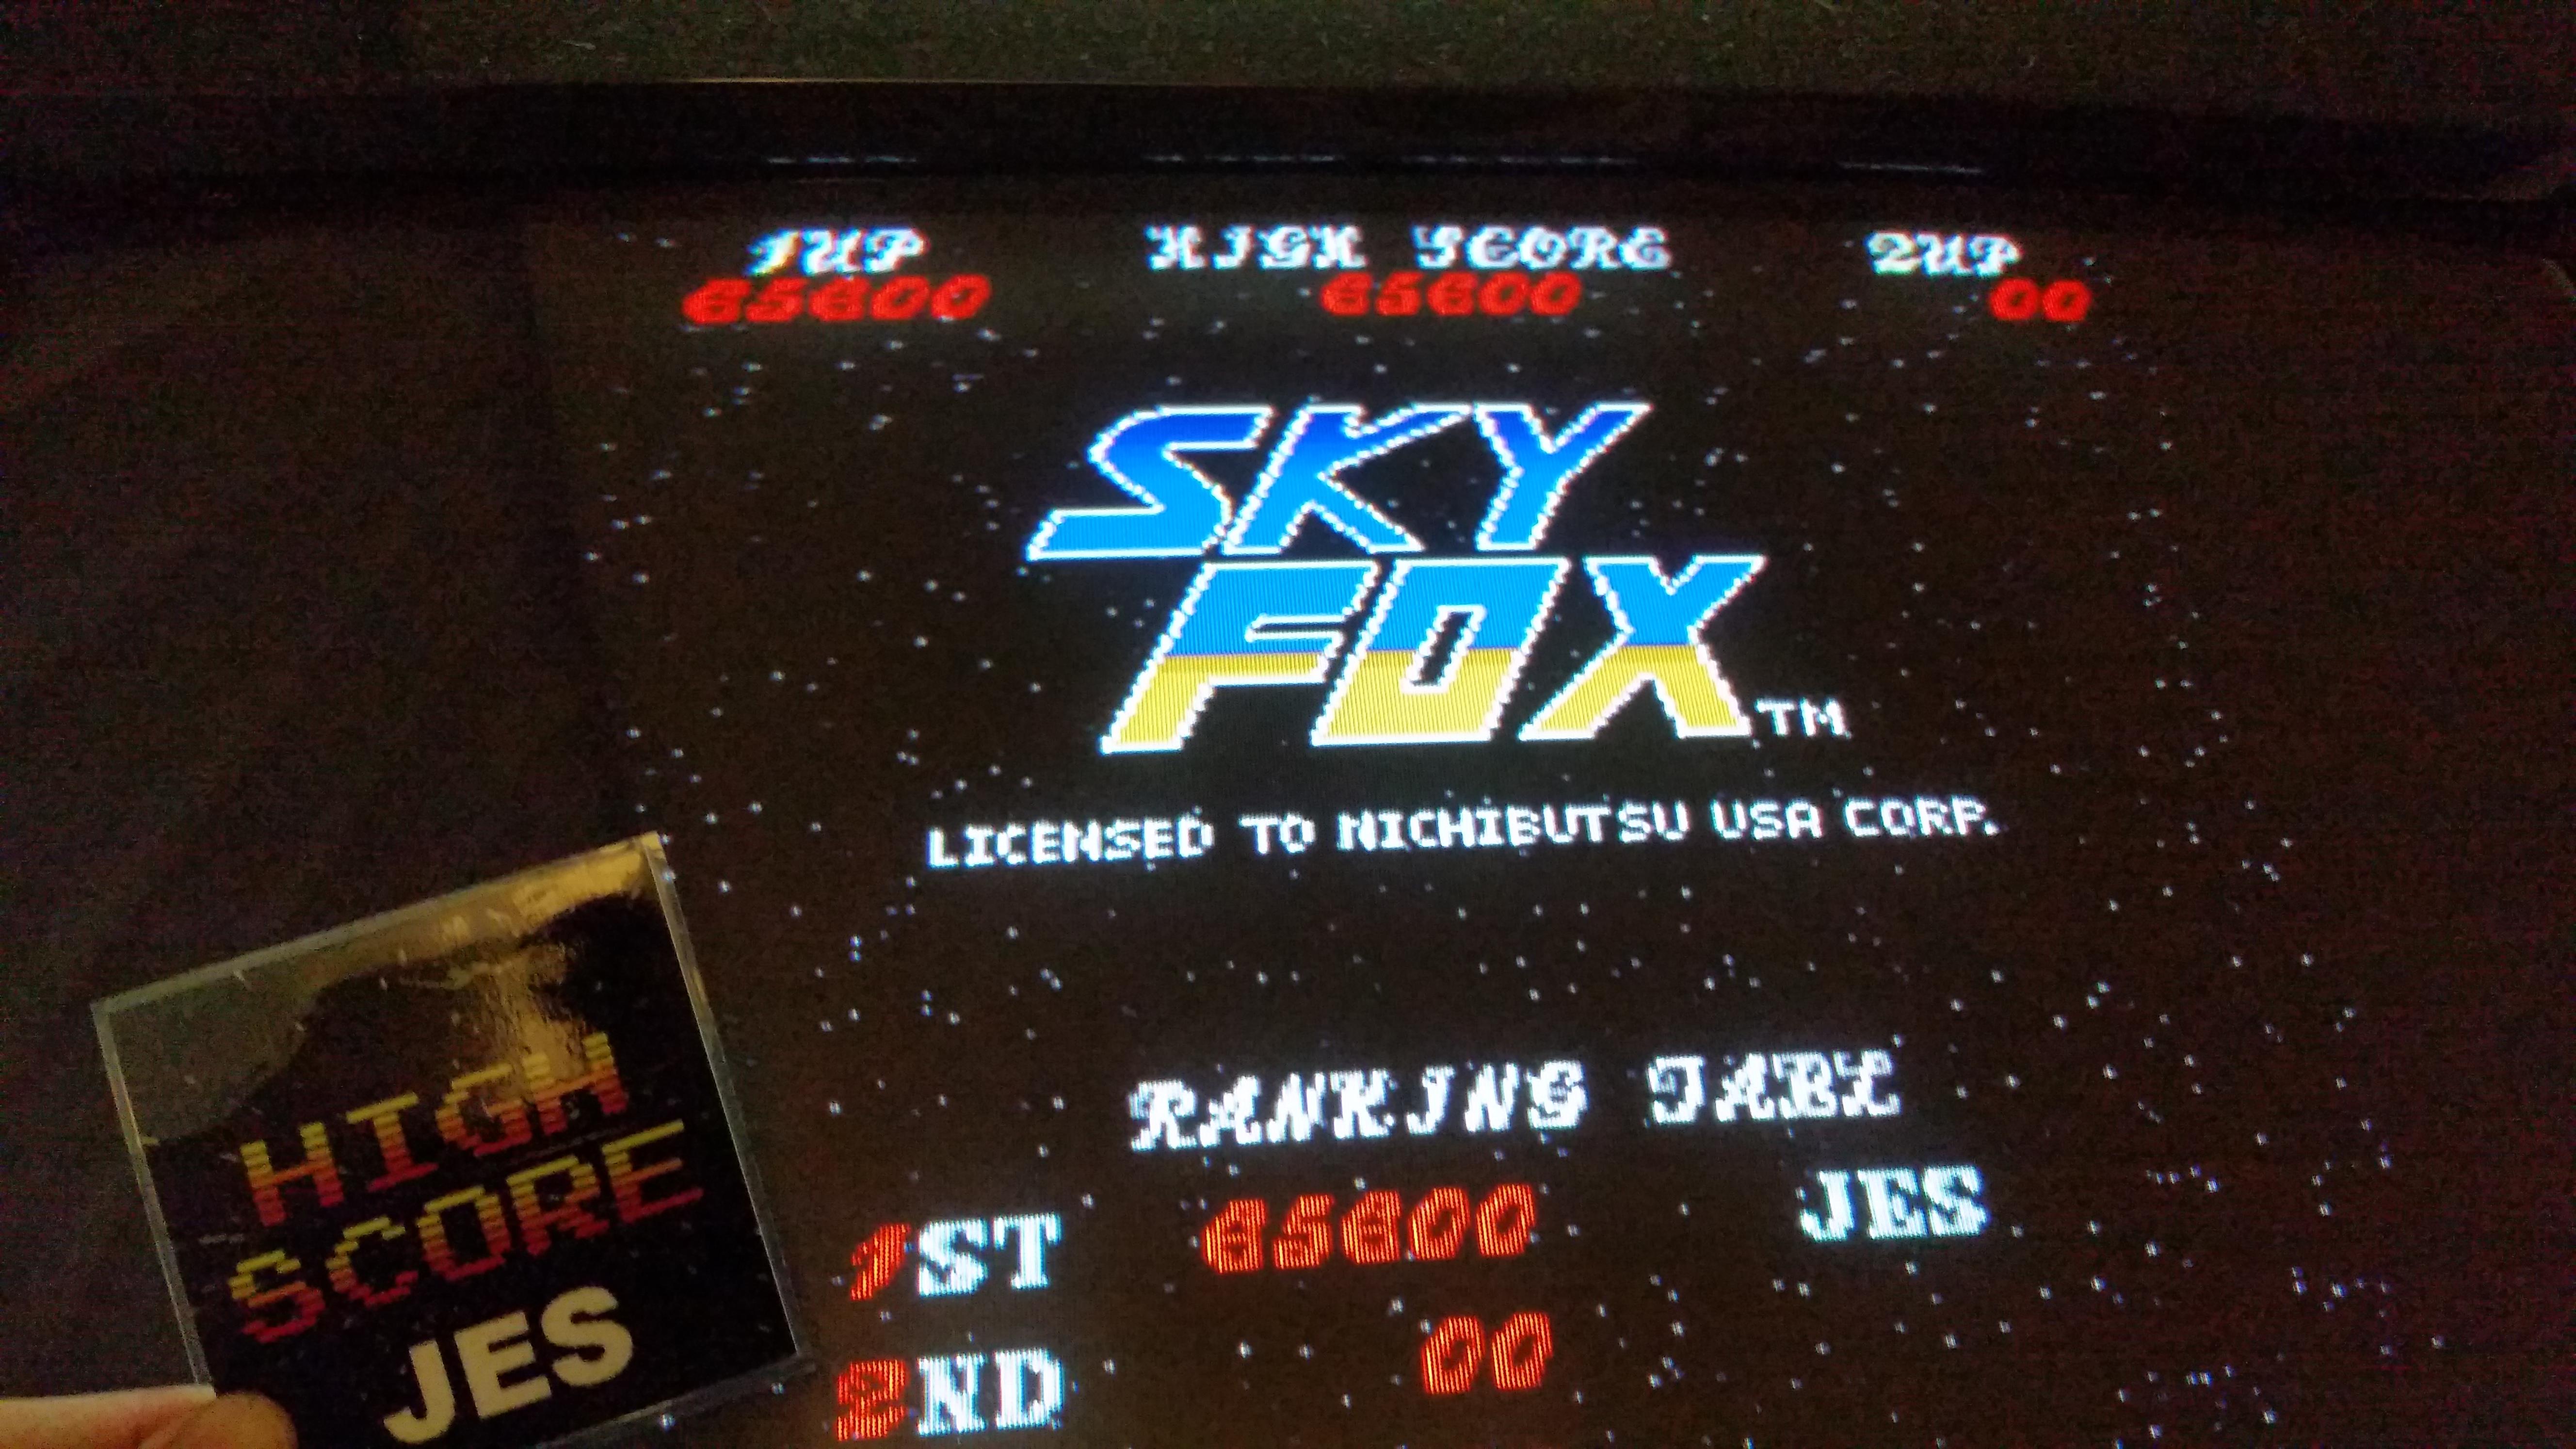 Sky Fox [skyfox] 65,600 points